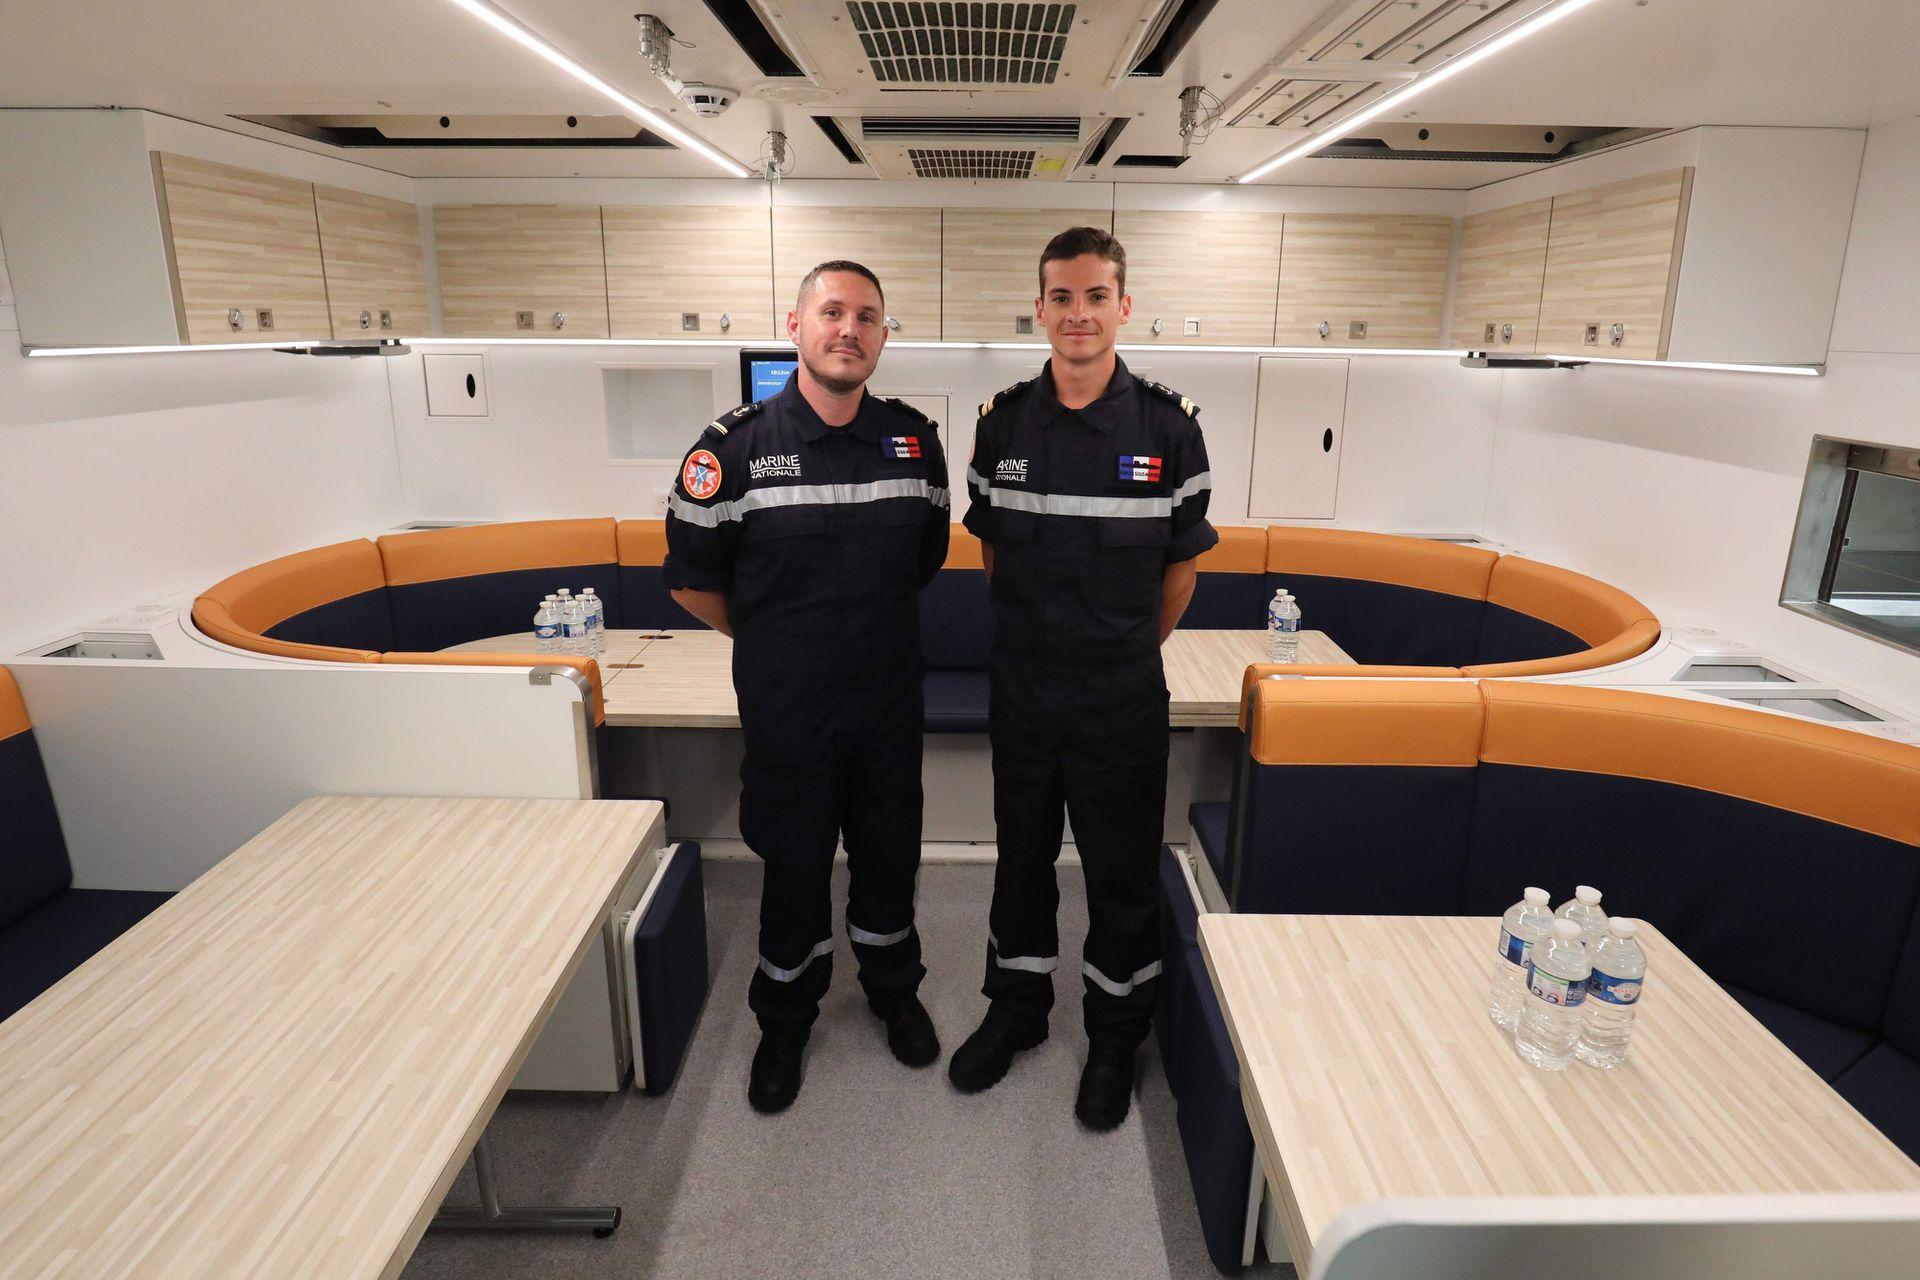 Dos miembros de la tripulación posan en el restaurante del submarino